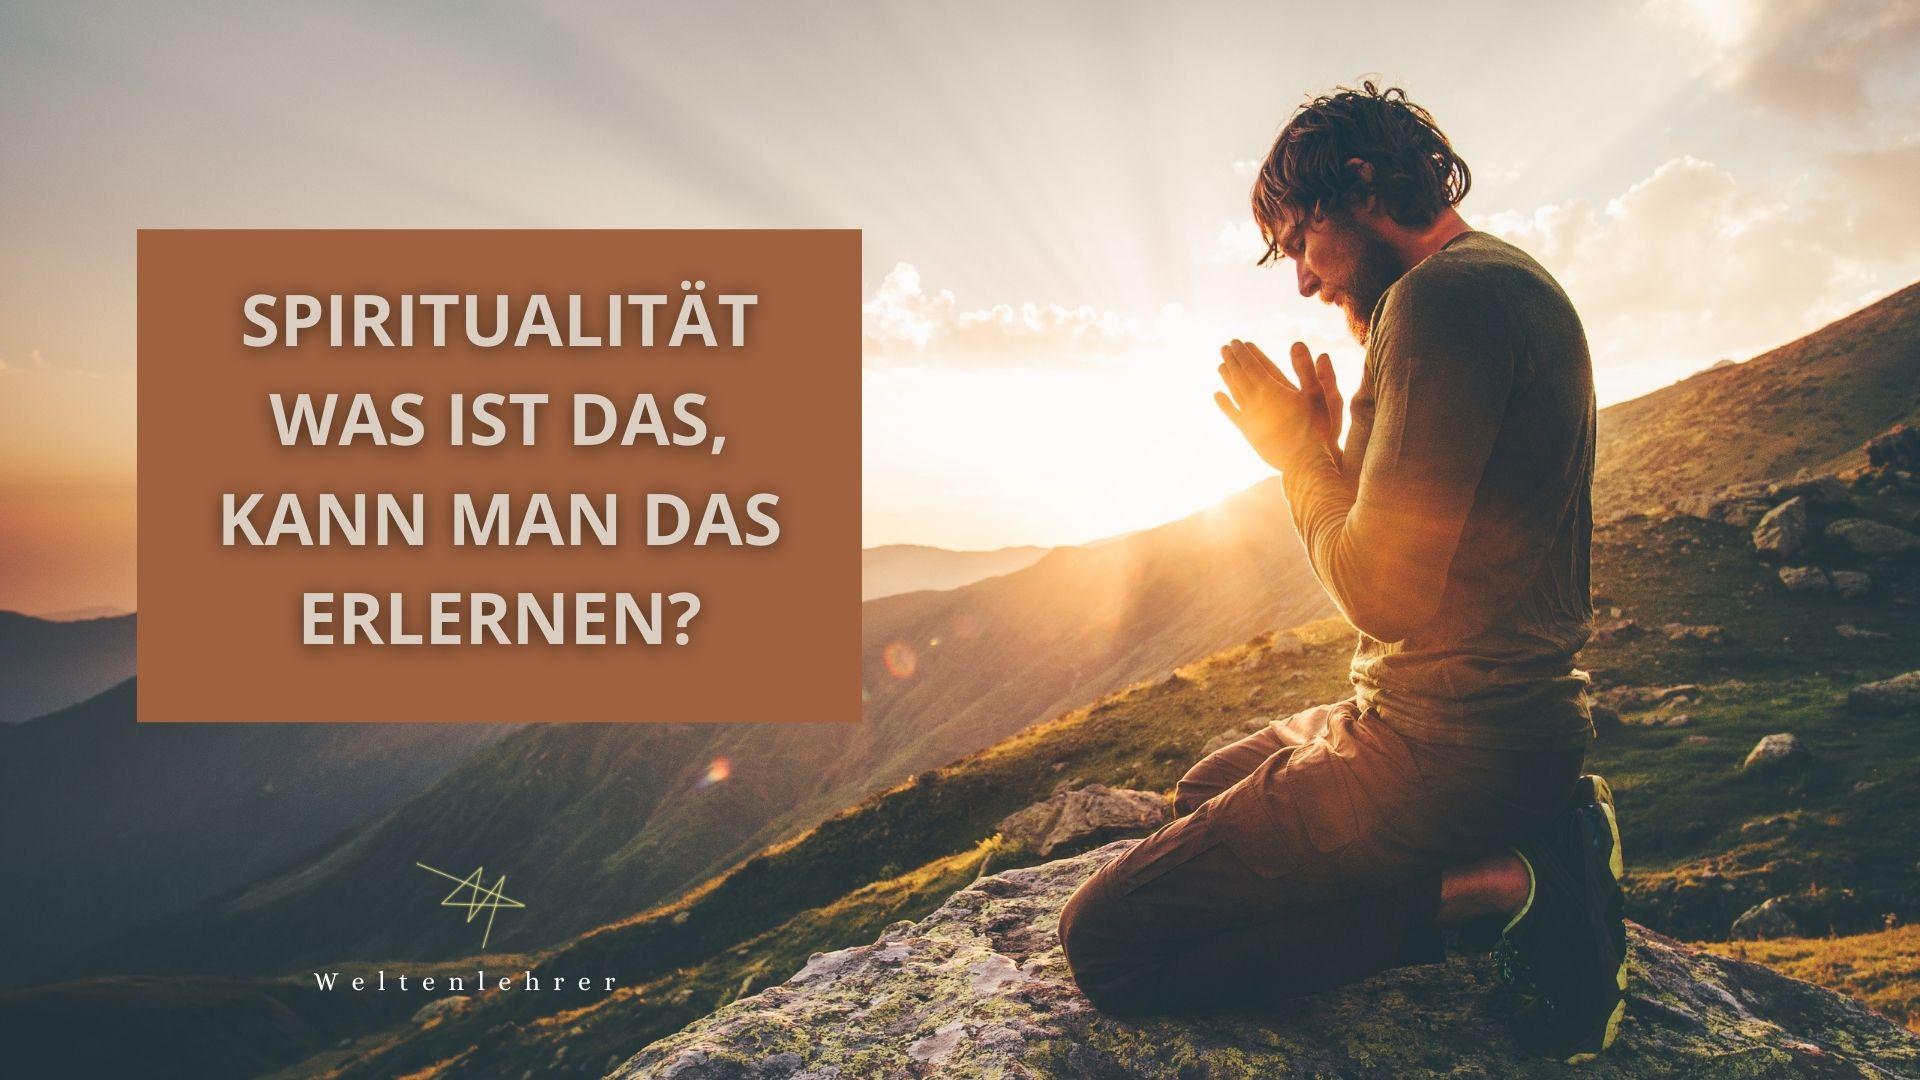 Spiritualität was ist das, kann man das erlernen?